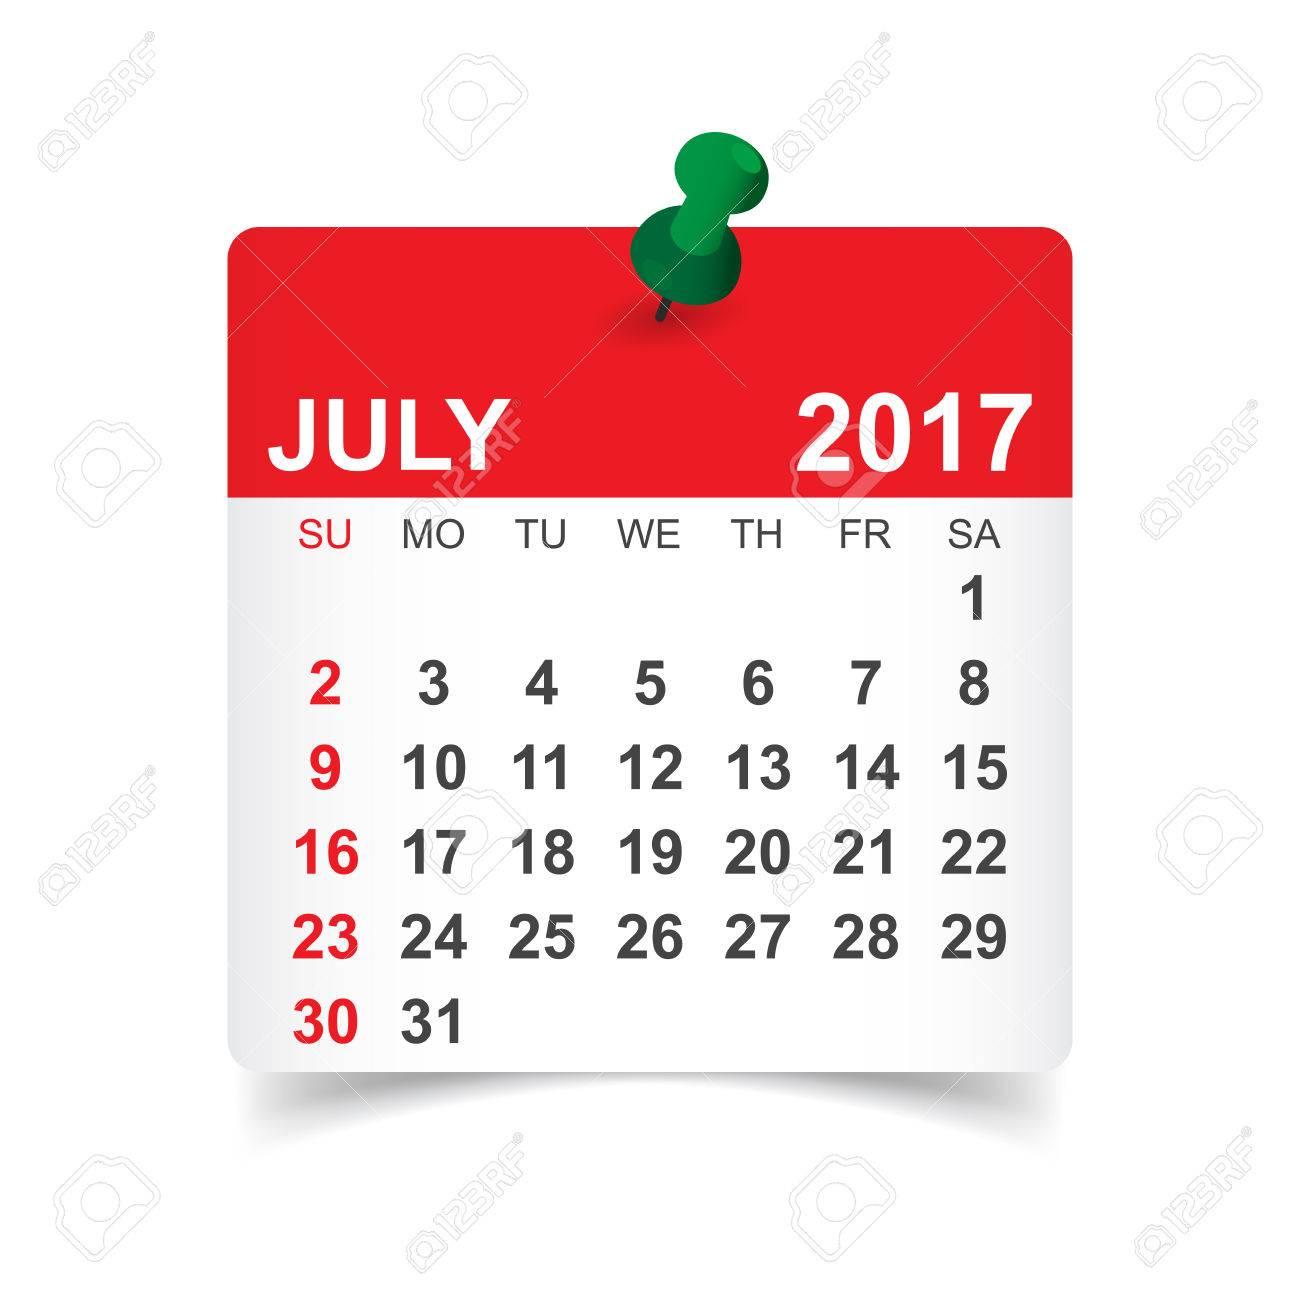 17 年 7 月 カレンダーのベクトル イラストのイラスト素材 ベクタ Image